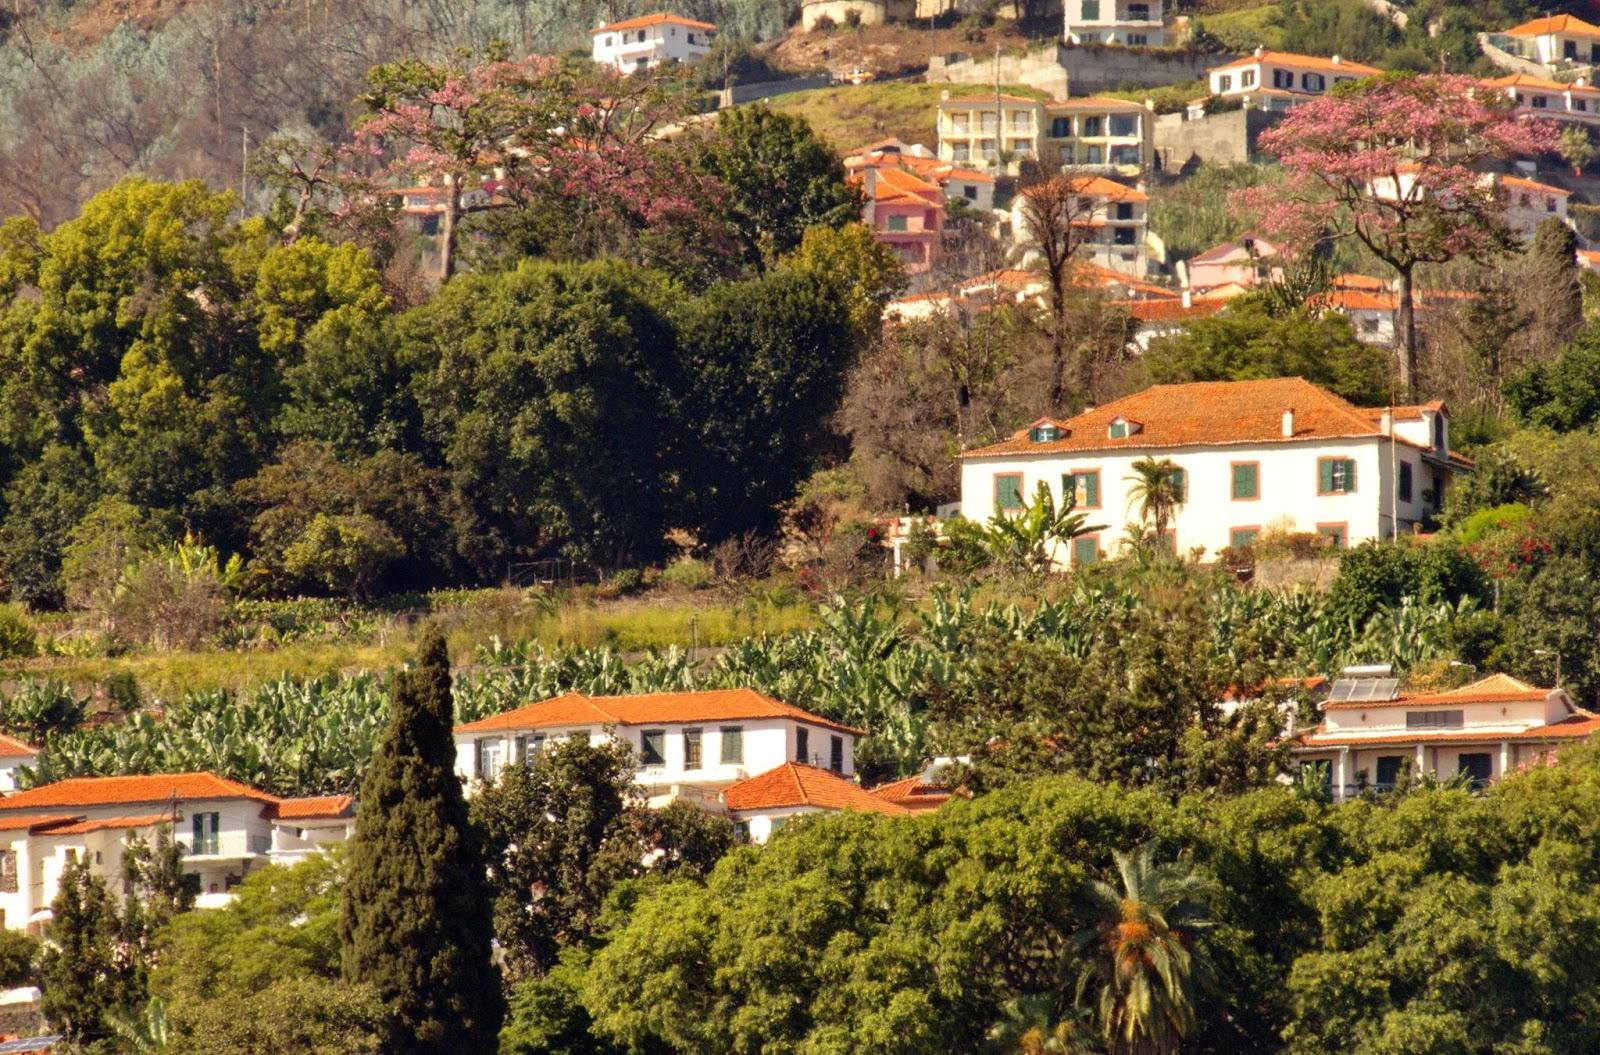 uma quinta madeirense